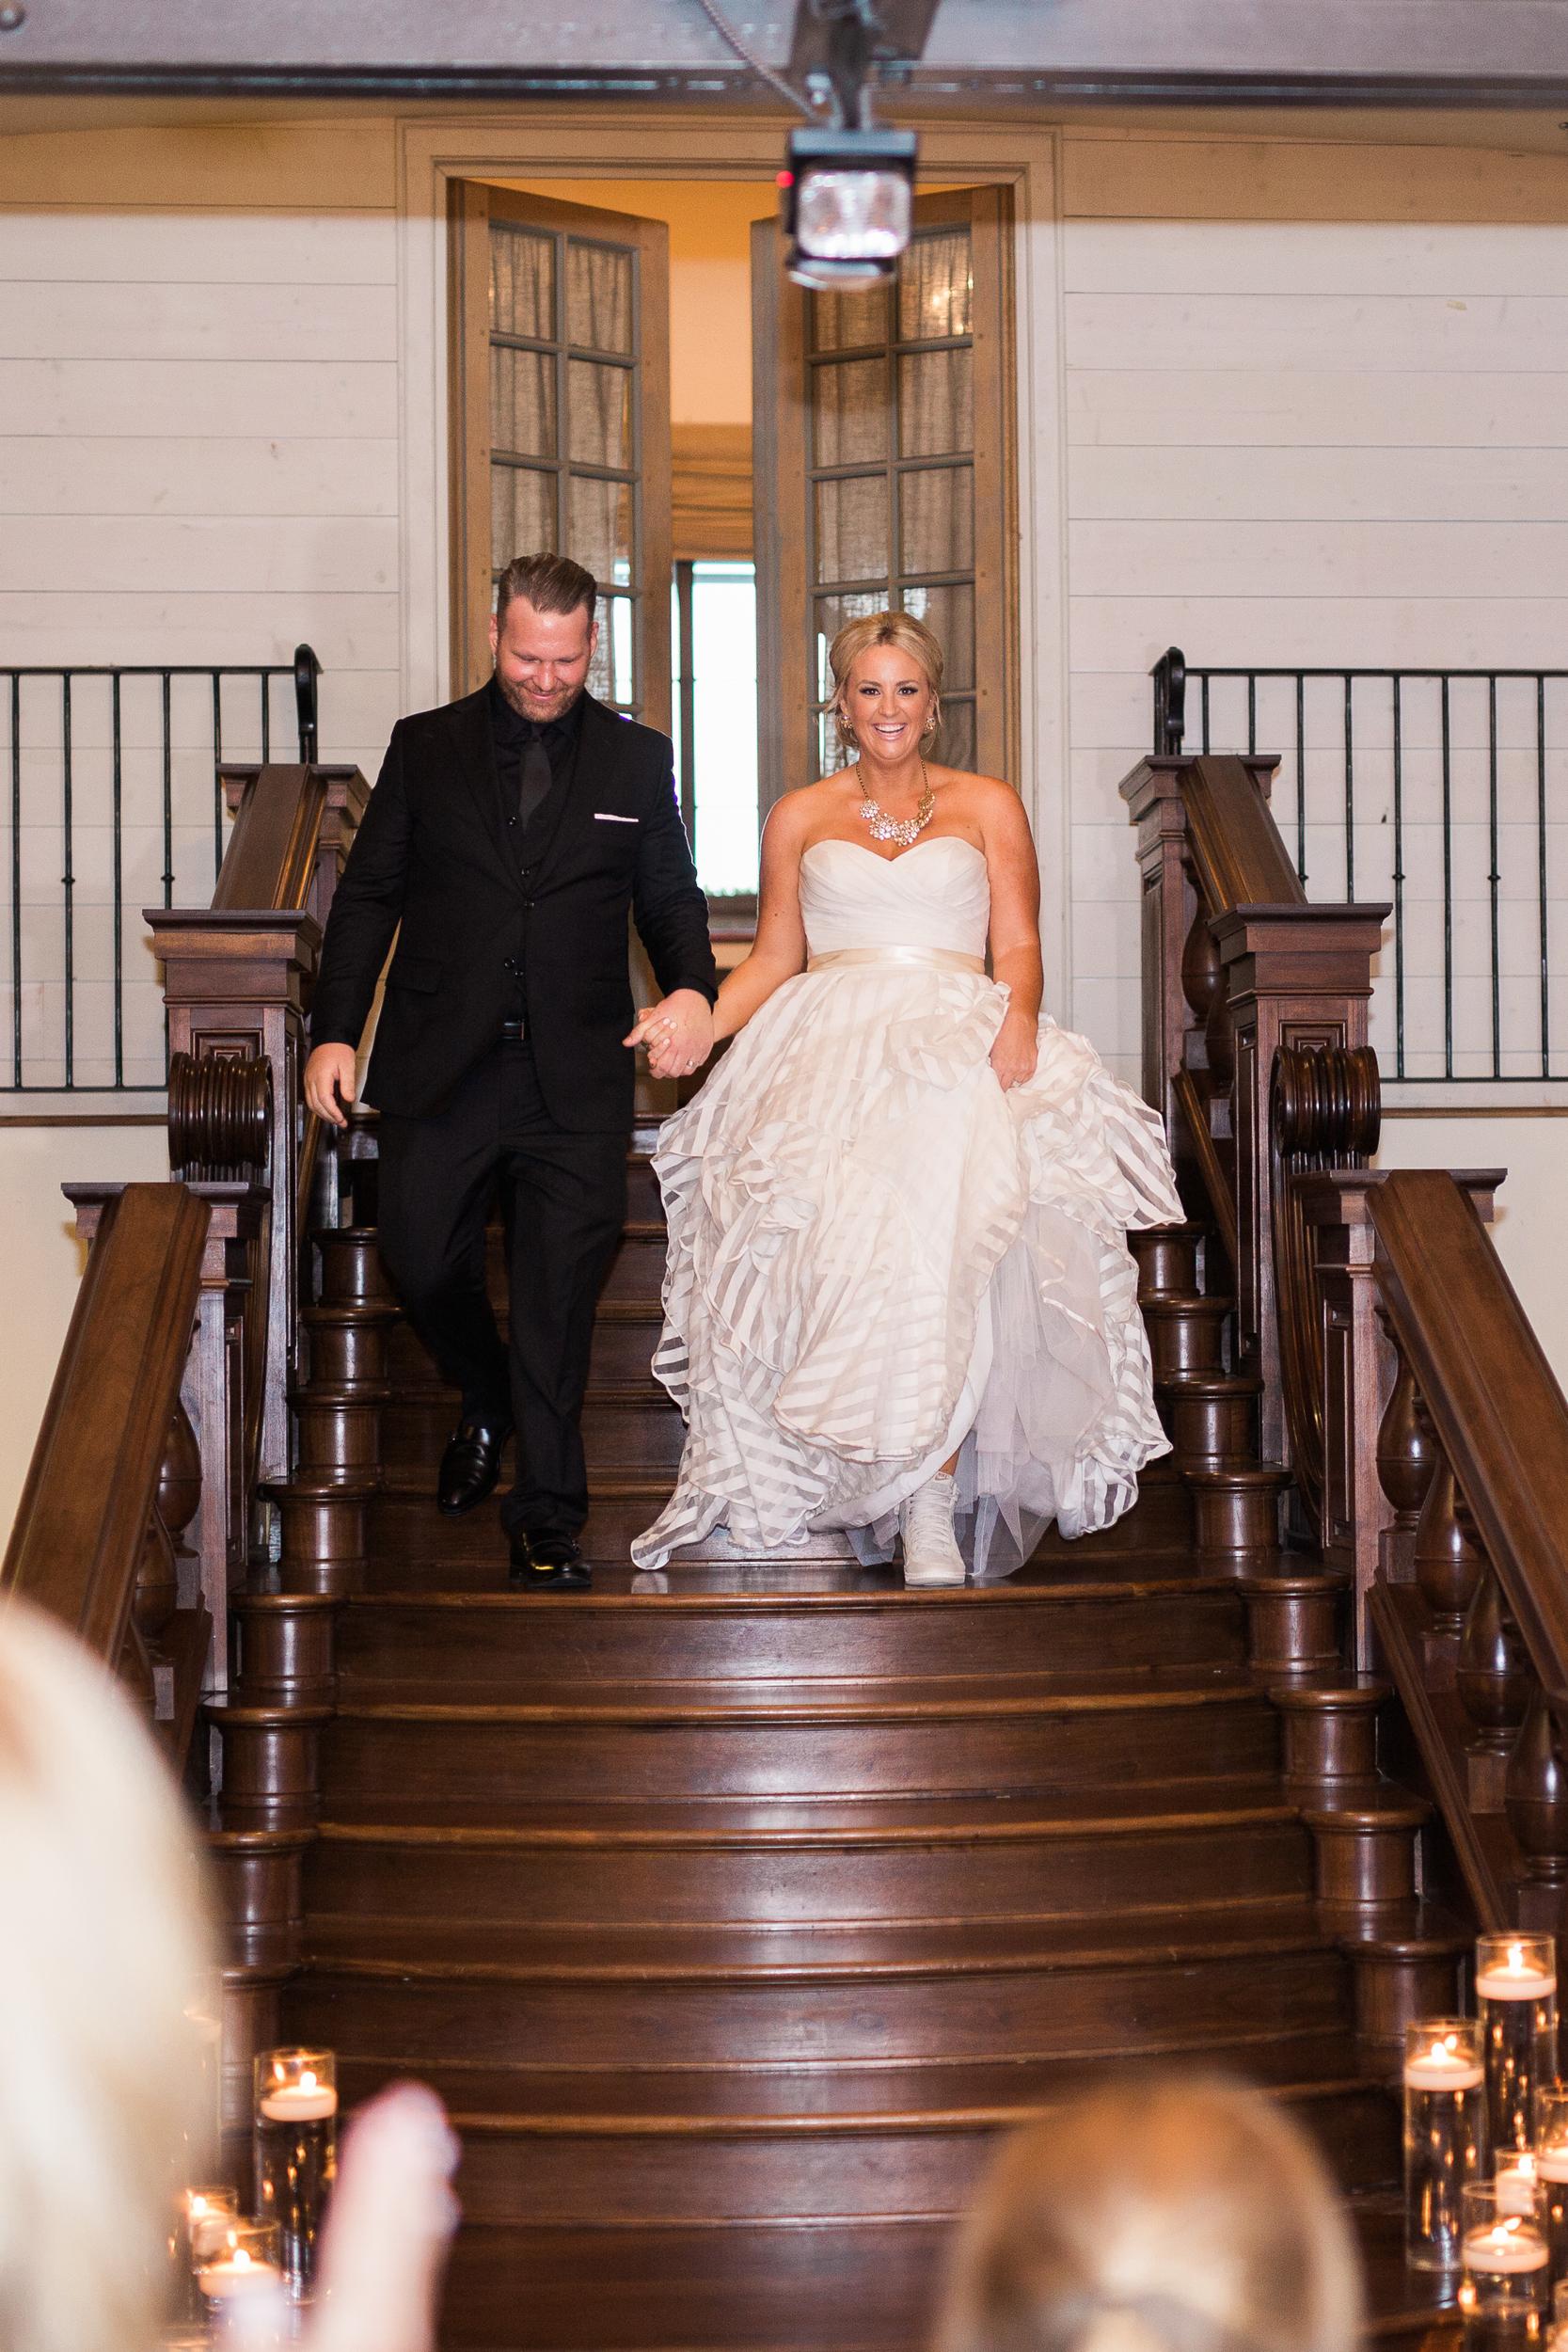 GY5A1014 Sponsel Wedding.jpg